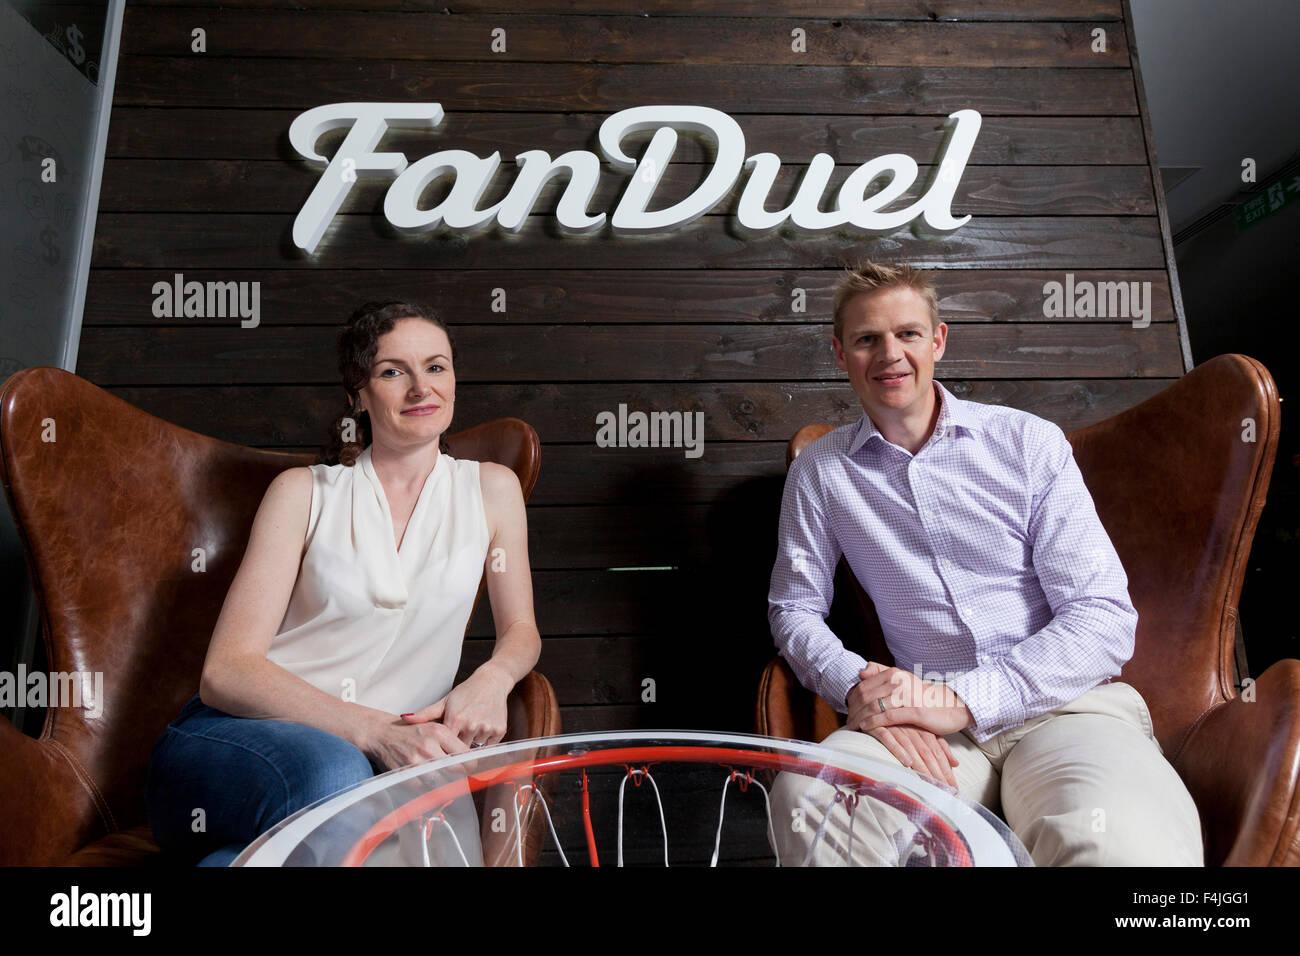 Nigel (à droite) et Lesley Eccles. Co-fondateurs de la plate-forme en ligne fantasy sports, FanDuel. Edimbourg, Photo Stock